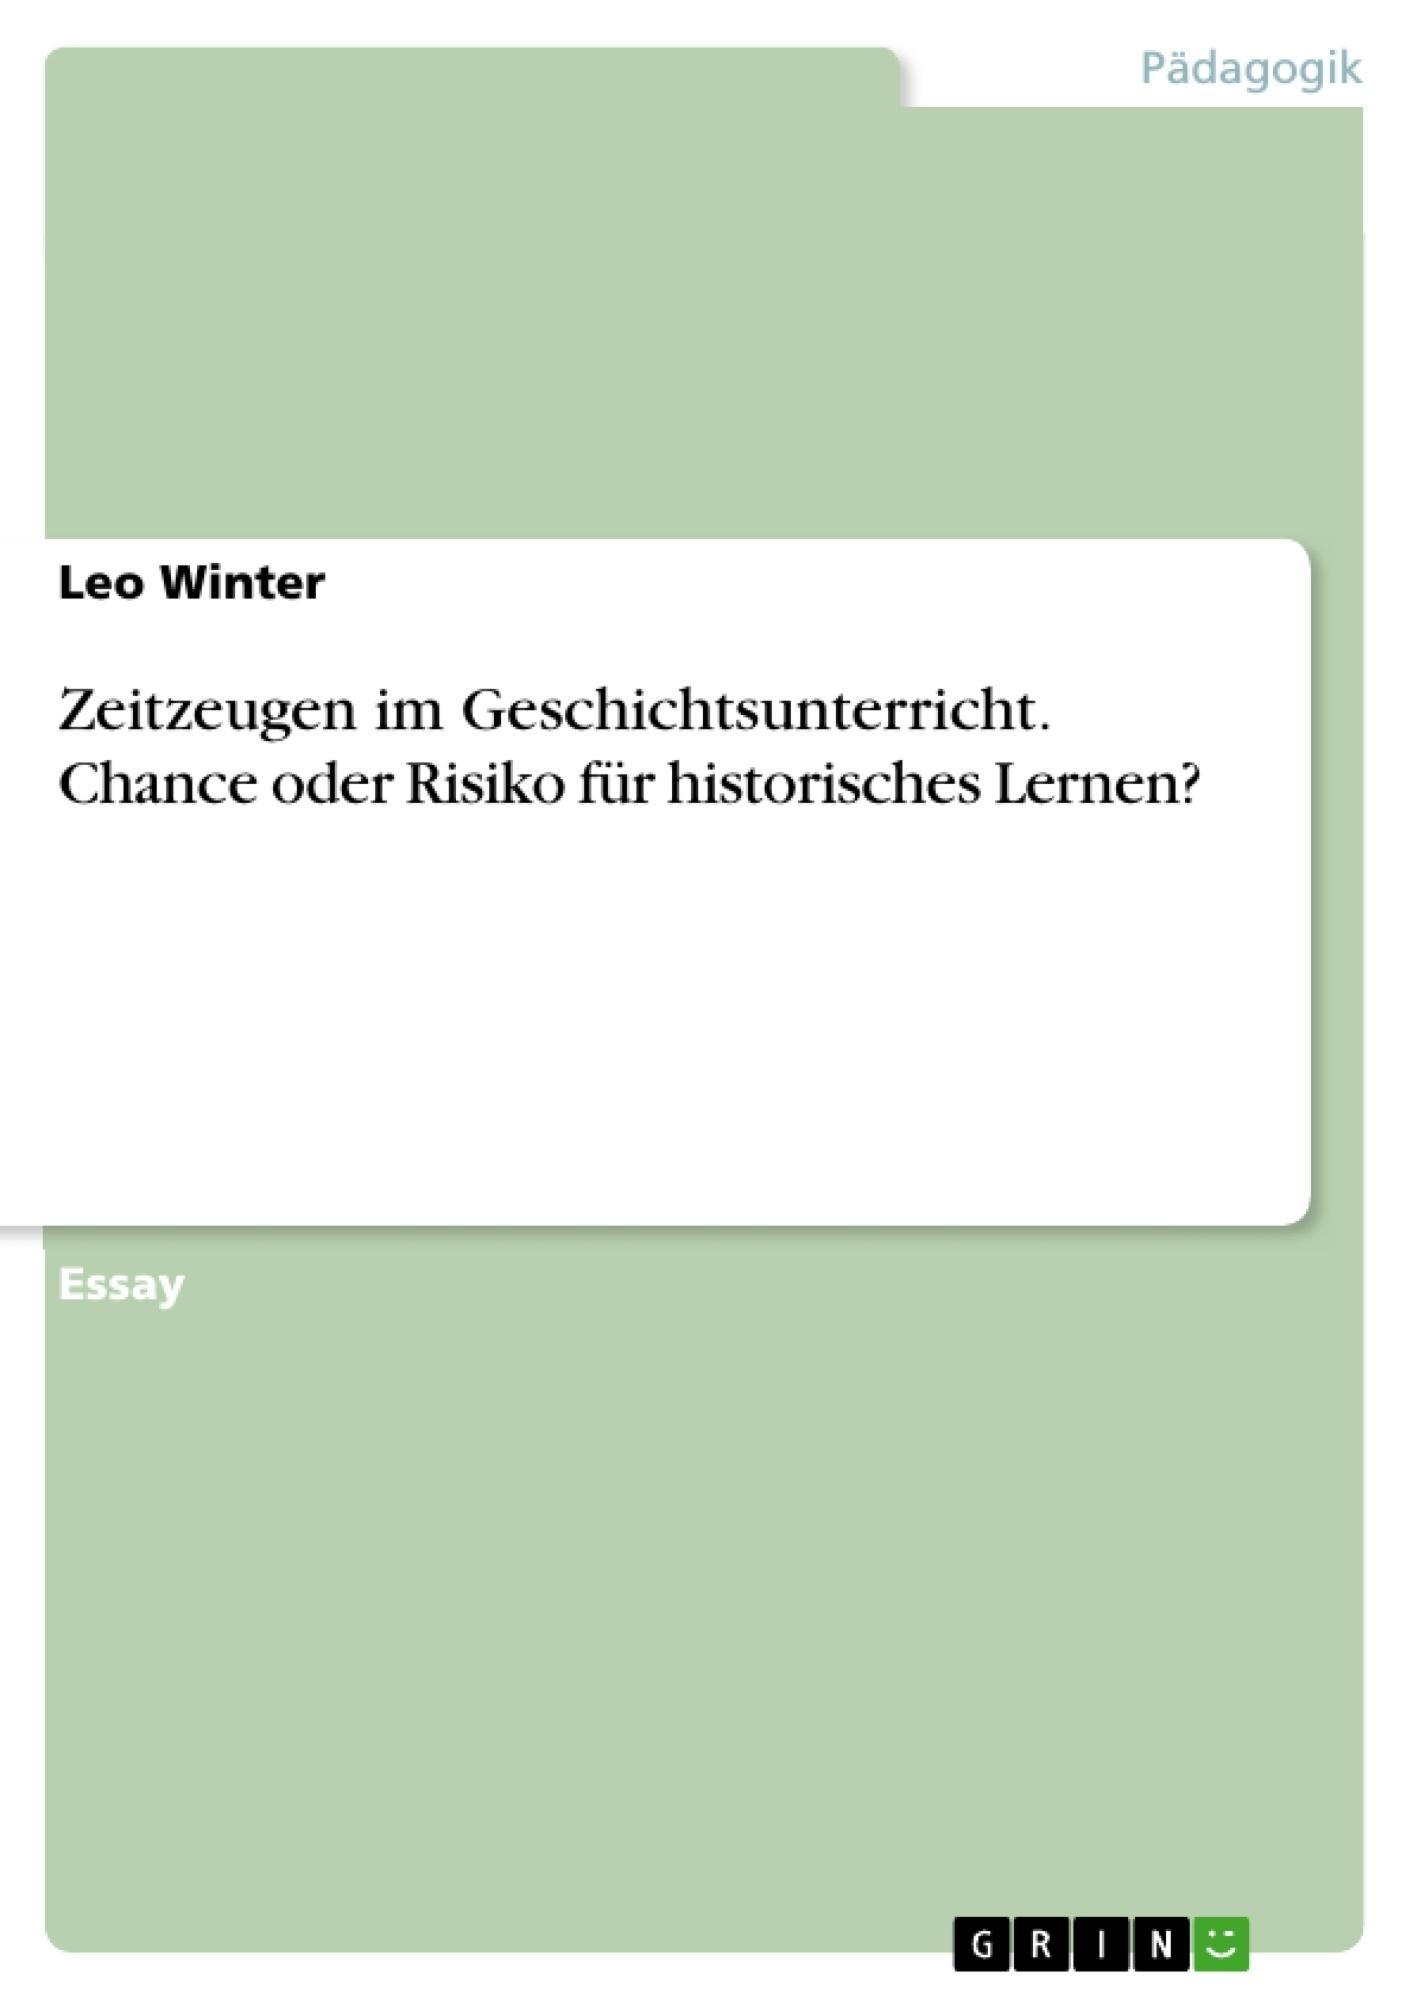 Titel: Zeitzeugen im Geschichtsunterricht. Chance oder Risiko für historisches Lernen?